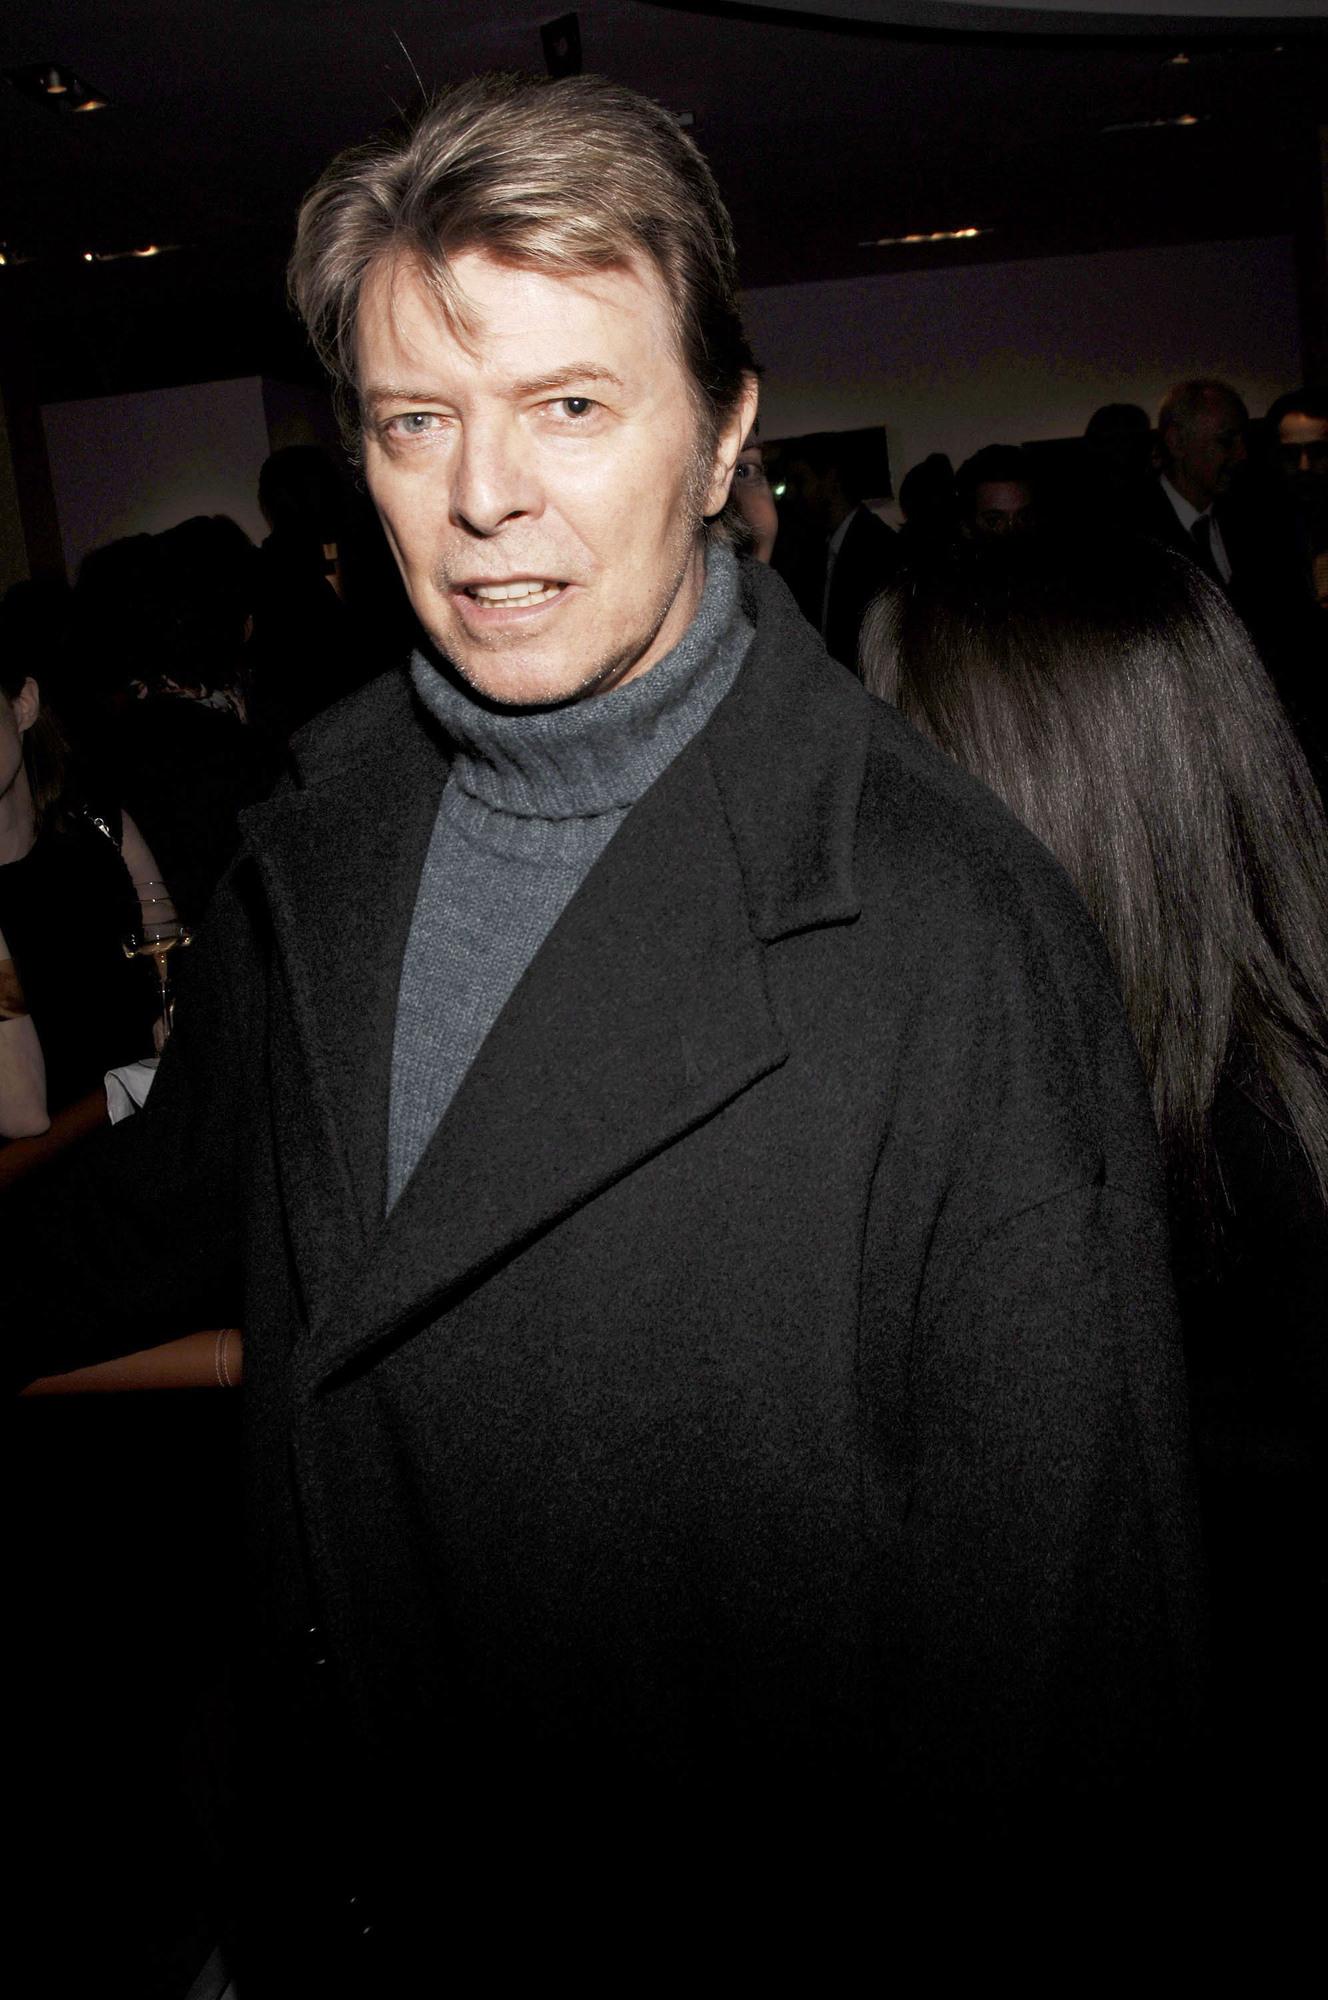 Há um álbum inédito de David Bowie e vai ser editado em breve